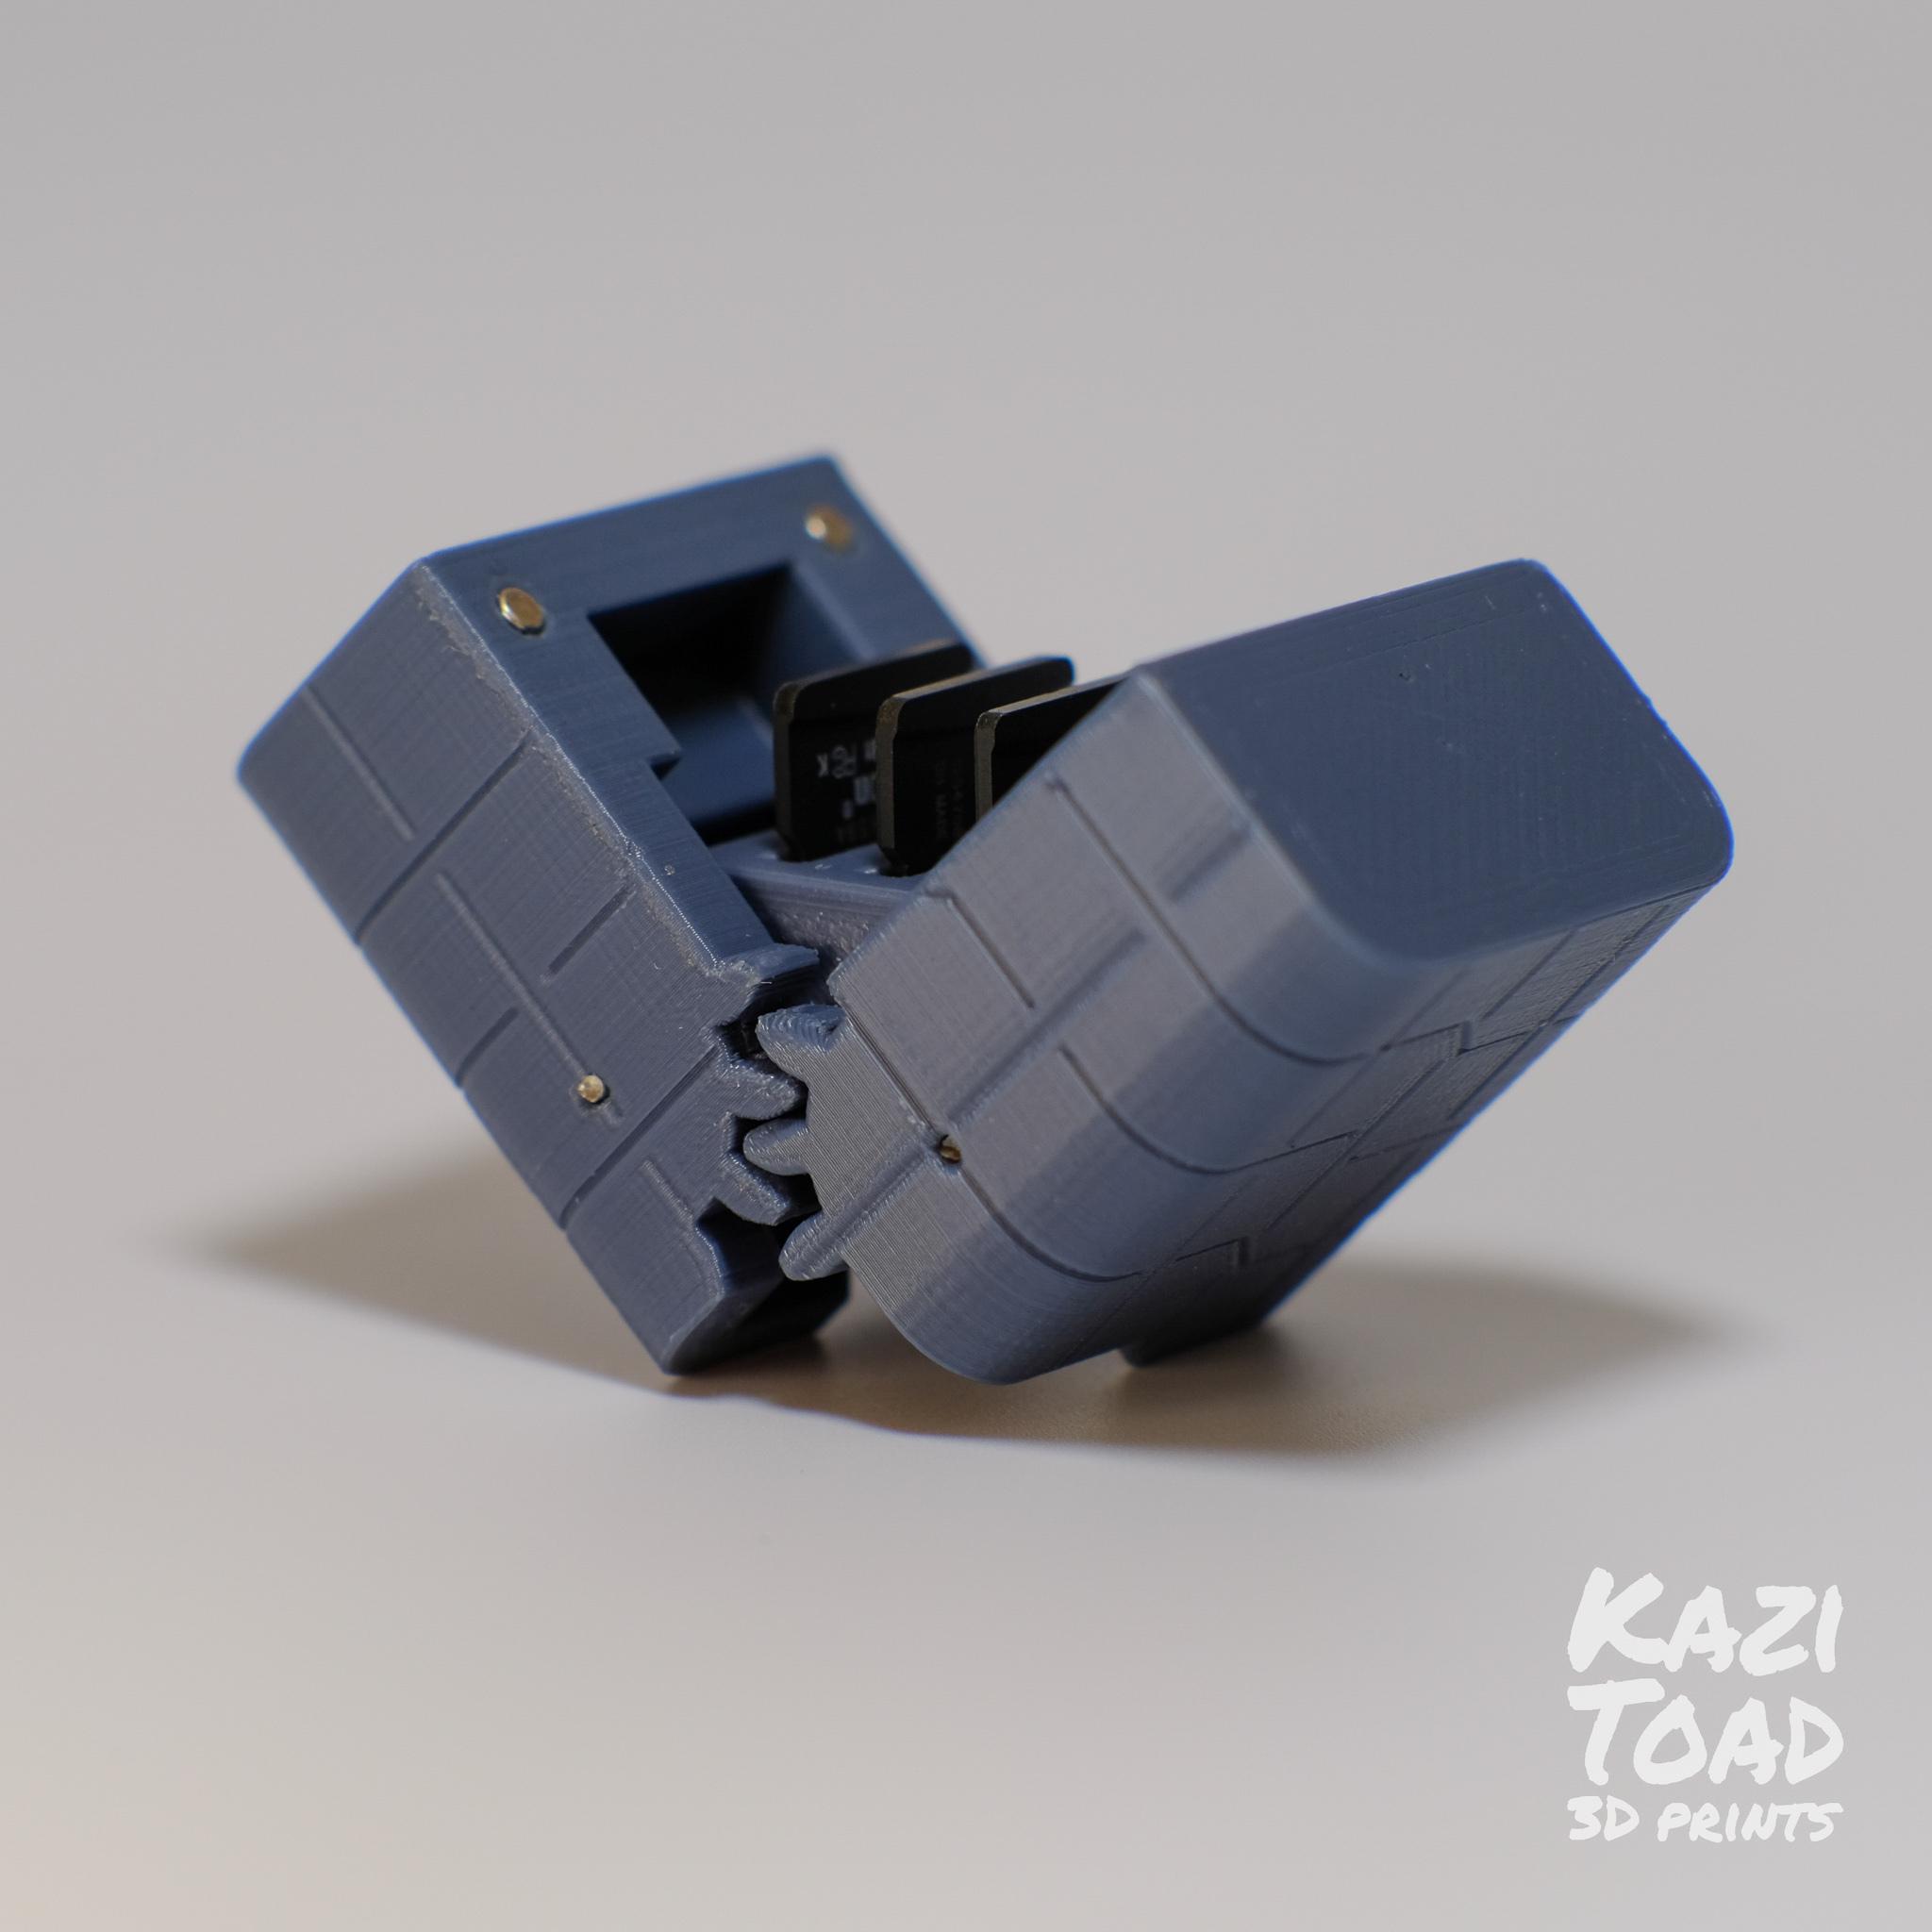 sd2.jpg Télécharger fichier STL Etuis à microprocesseur : pour les cartes micro SD et autres petits objets • Design imprimable en 3D, KaziToad